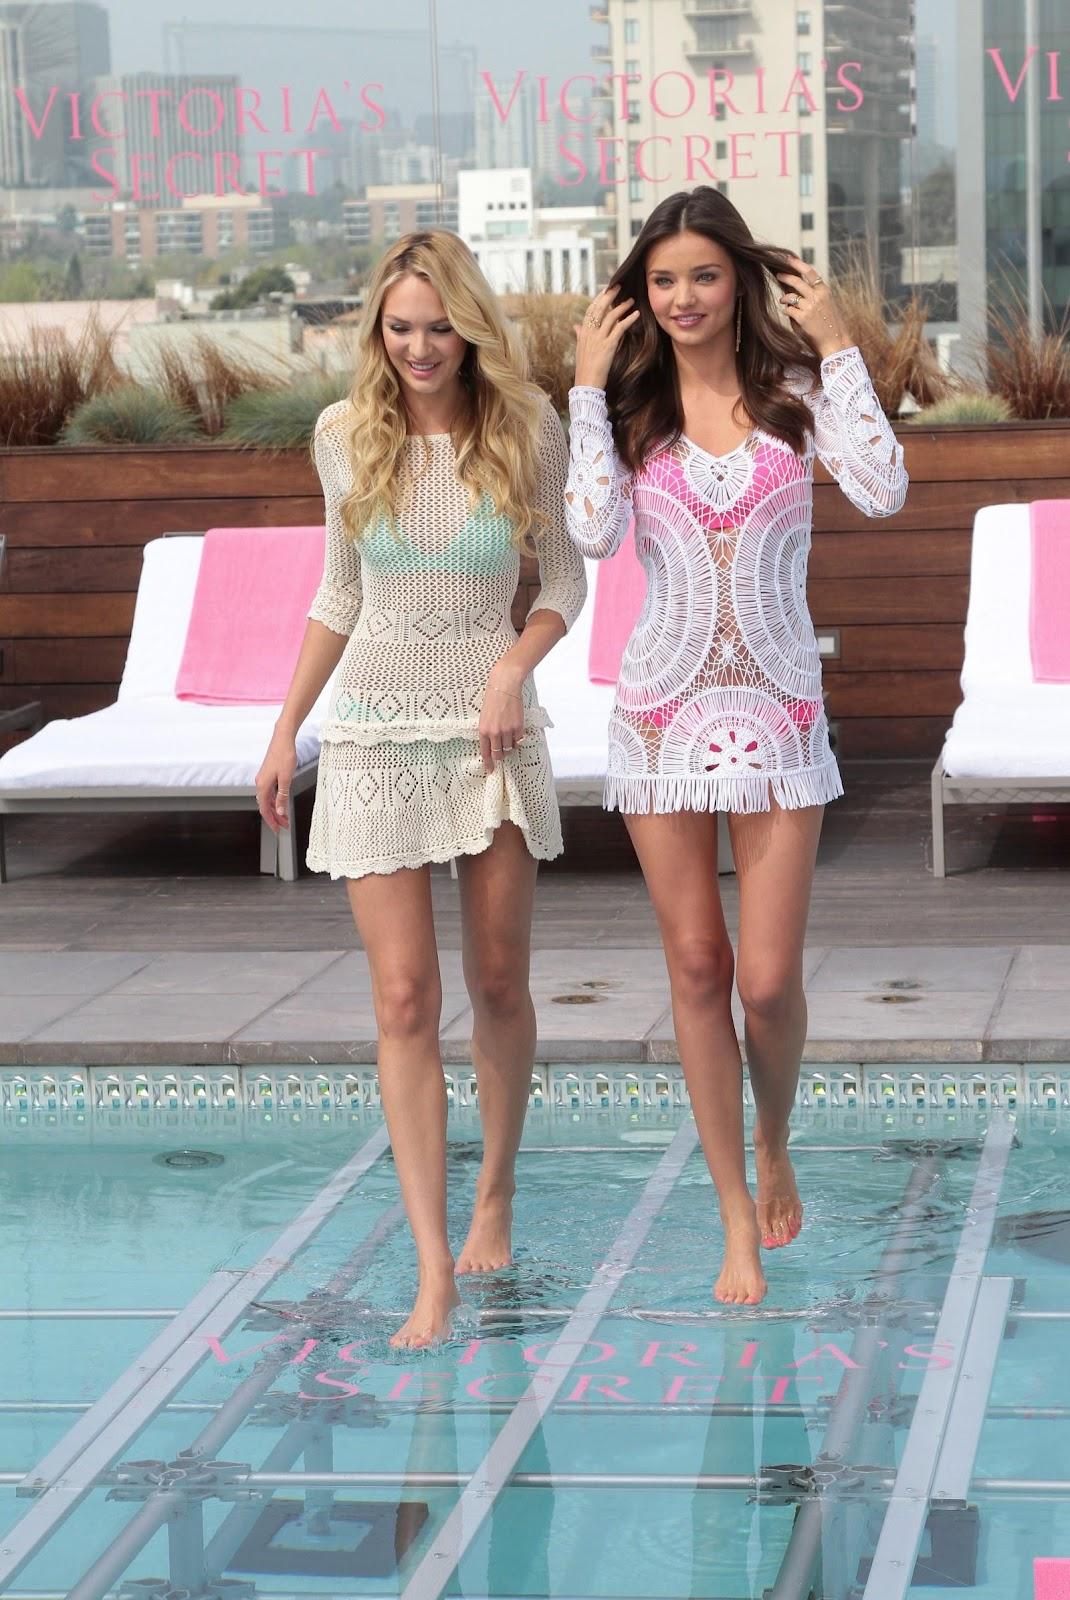 http://1.bp.blogspot.com/-DBfpM3x4YIs/T3TLYbWW76I/AAAAAAAAPs8/wYyuFXyuMS4/s1600/Candice_SwanepoeL_Miranda_Kerr_angel_Victorias_Secret_swim_wallpapers+_04.jpg